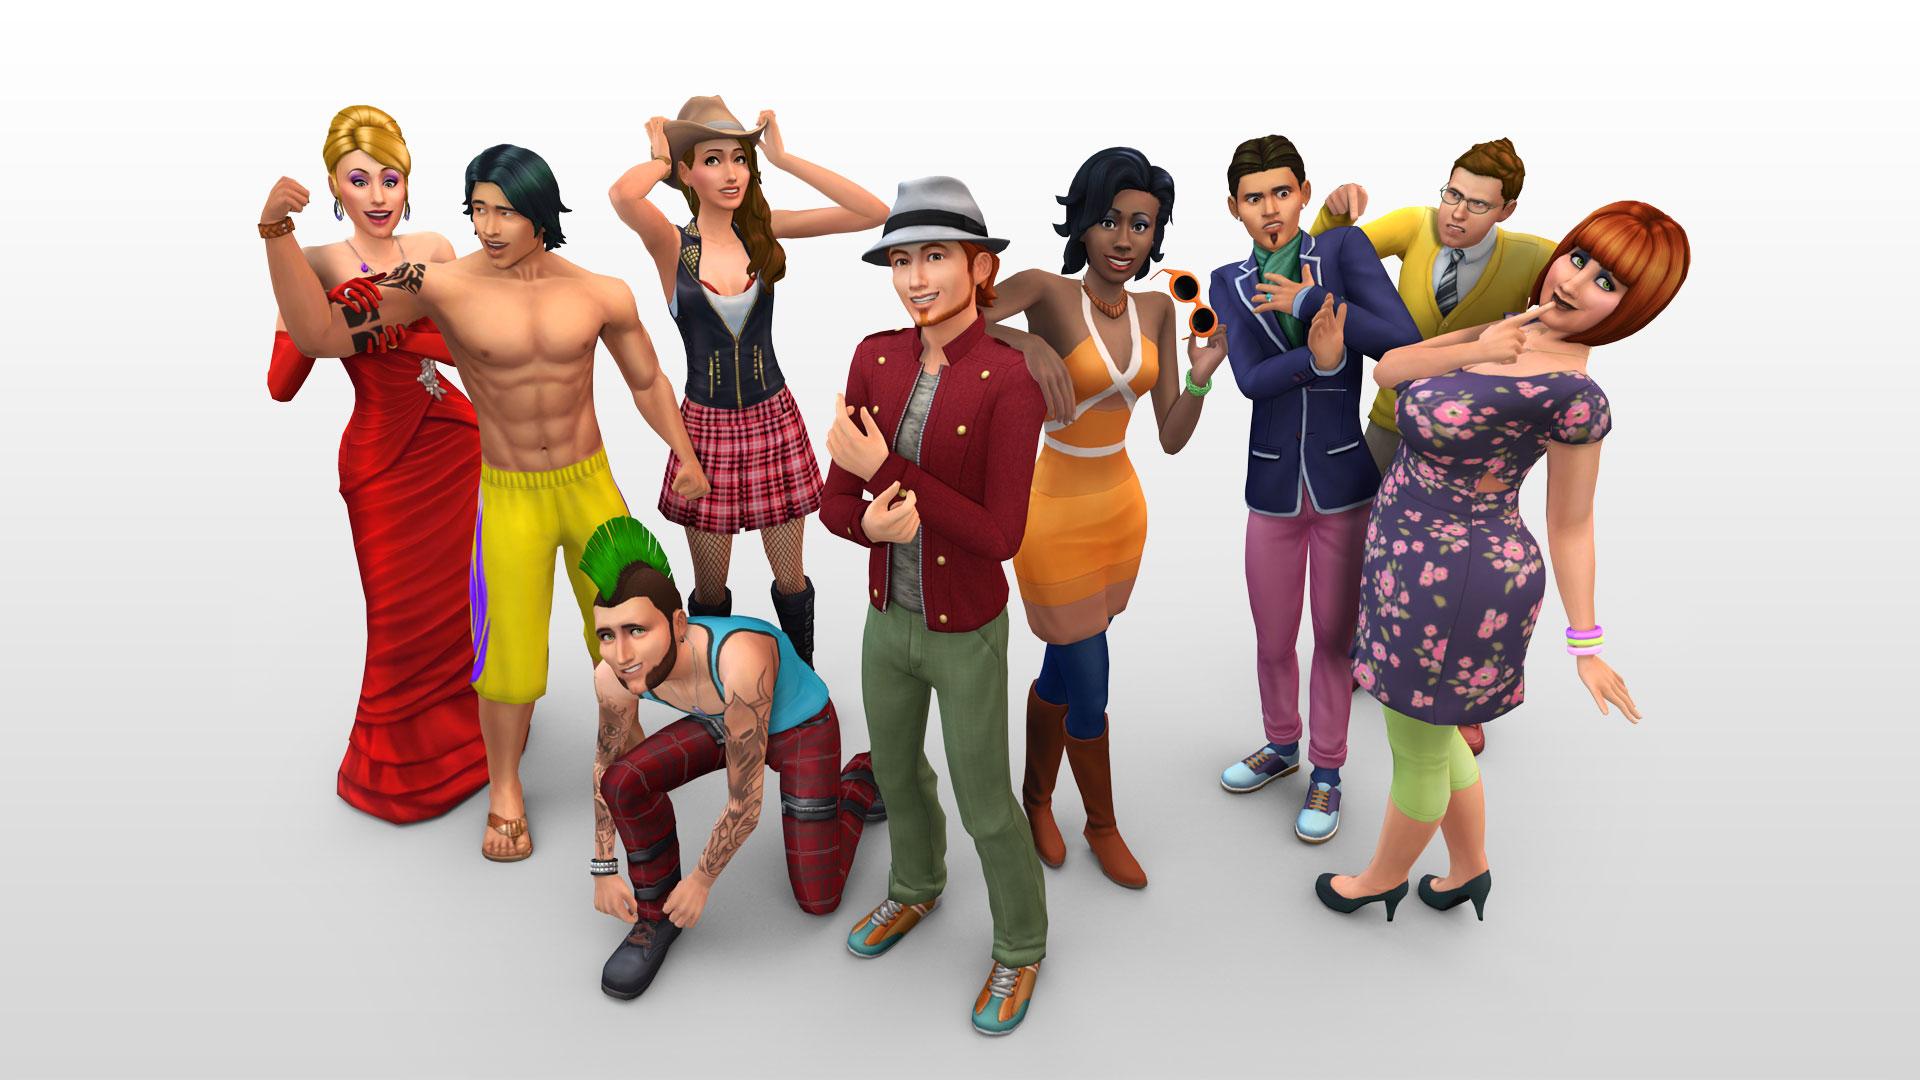 Не могу вызвать строку ввода (консоль) кодов в Sims 4 на Mac - The